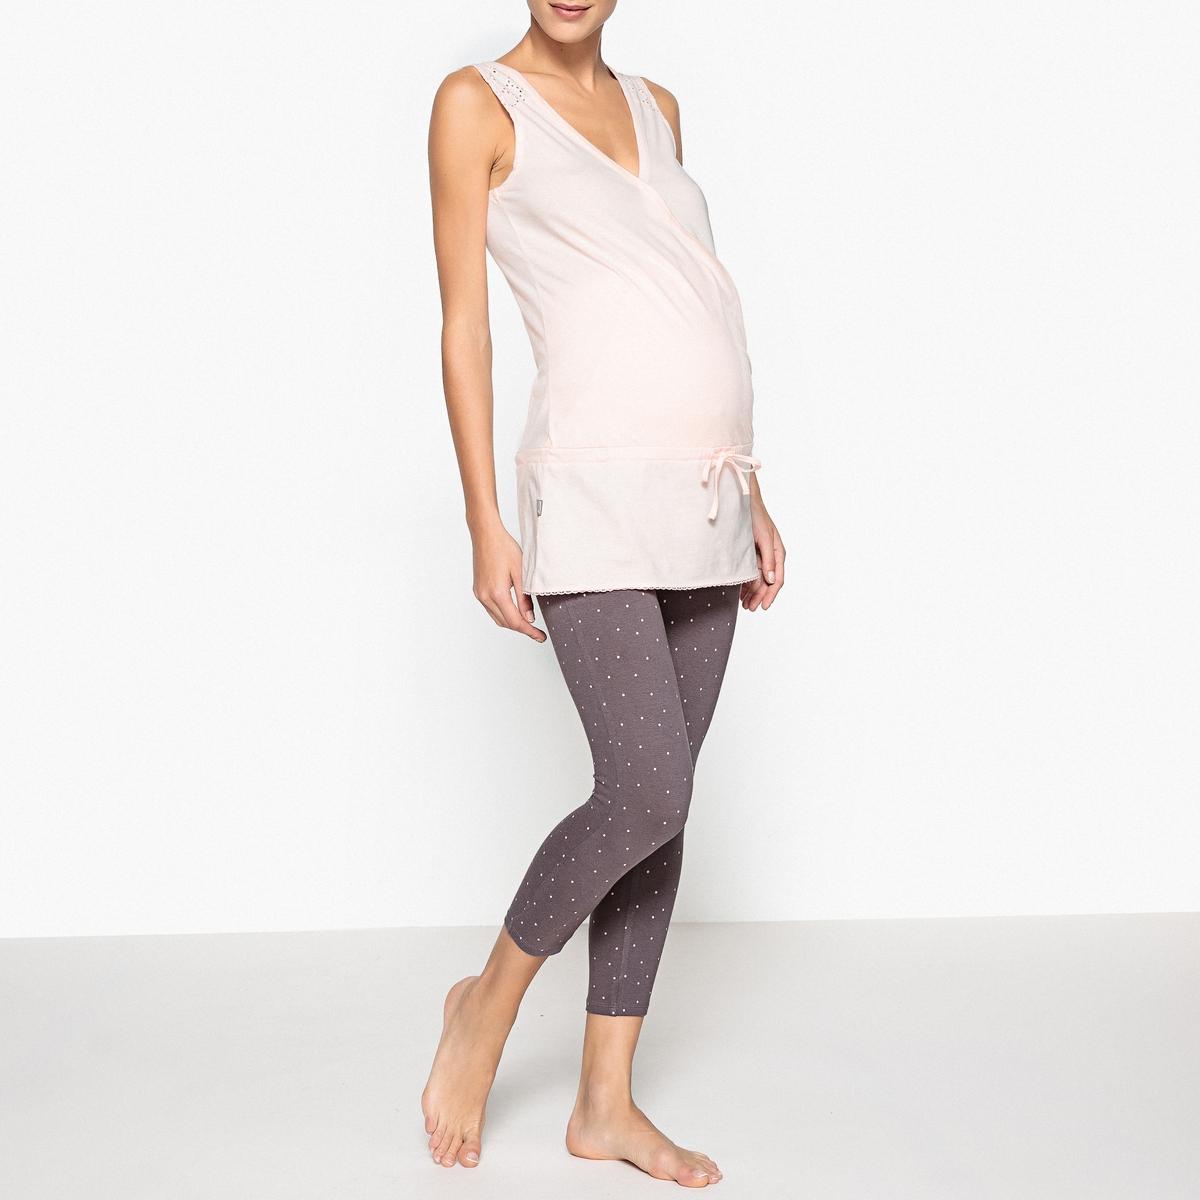 Пижама для периода беременностиКороткая пижама, разработанная специально для периода беременности и грудного вскармливания: в целях заботы о Вас и Вашем малыше.Состав и описаниеПижама короткая из 2 предметов: туники и коротких леггинсов. Для периода беременности и грудного вскармливания.Топ с кружевным бордюром и застежкой на кнопку для кормления грудью, пояс под животом. Леггинсы до середины голени, высокий поддерживающий пояс. Материал :  верх из 100% хлопка,Леггинсы 95% хлопка, 5% эластанаДлина : Верх: 77 смДлина по внутр.шву: 50 смУход : Стирать при 40° с изделиями схожих цветов.Стирать, сушить и гладить с изнаночной стороны.<br><br>Цвет: розовый/ серый<br>Размер: 42/44 (FR) - 48/50 (RUS)